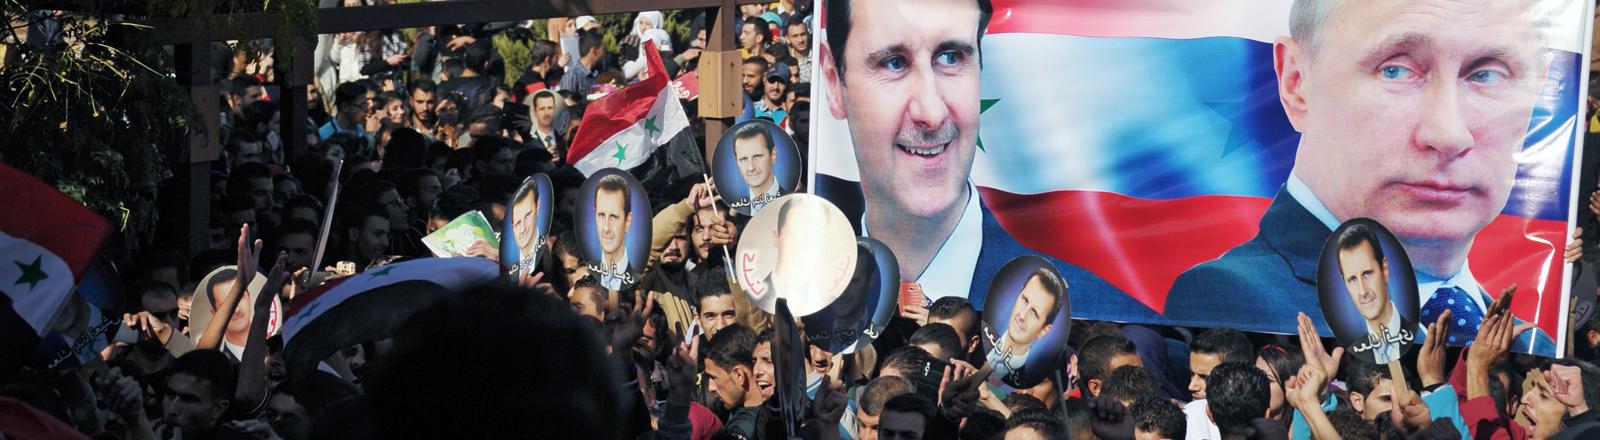 In Syrien feiern Anhänger Assad und Putin